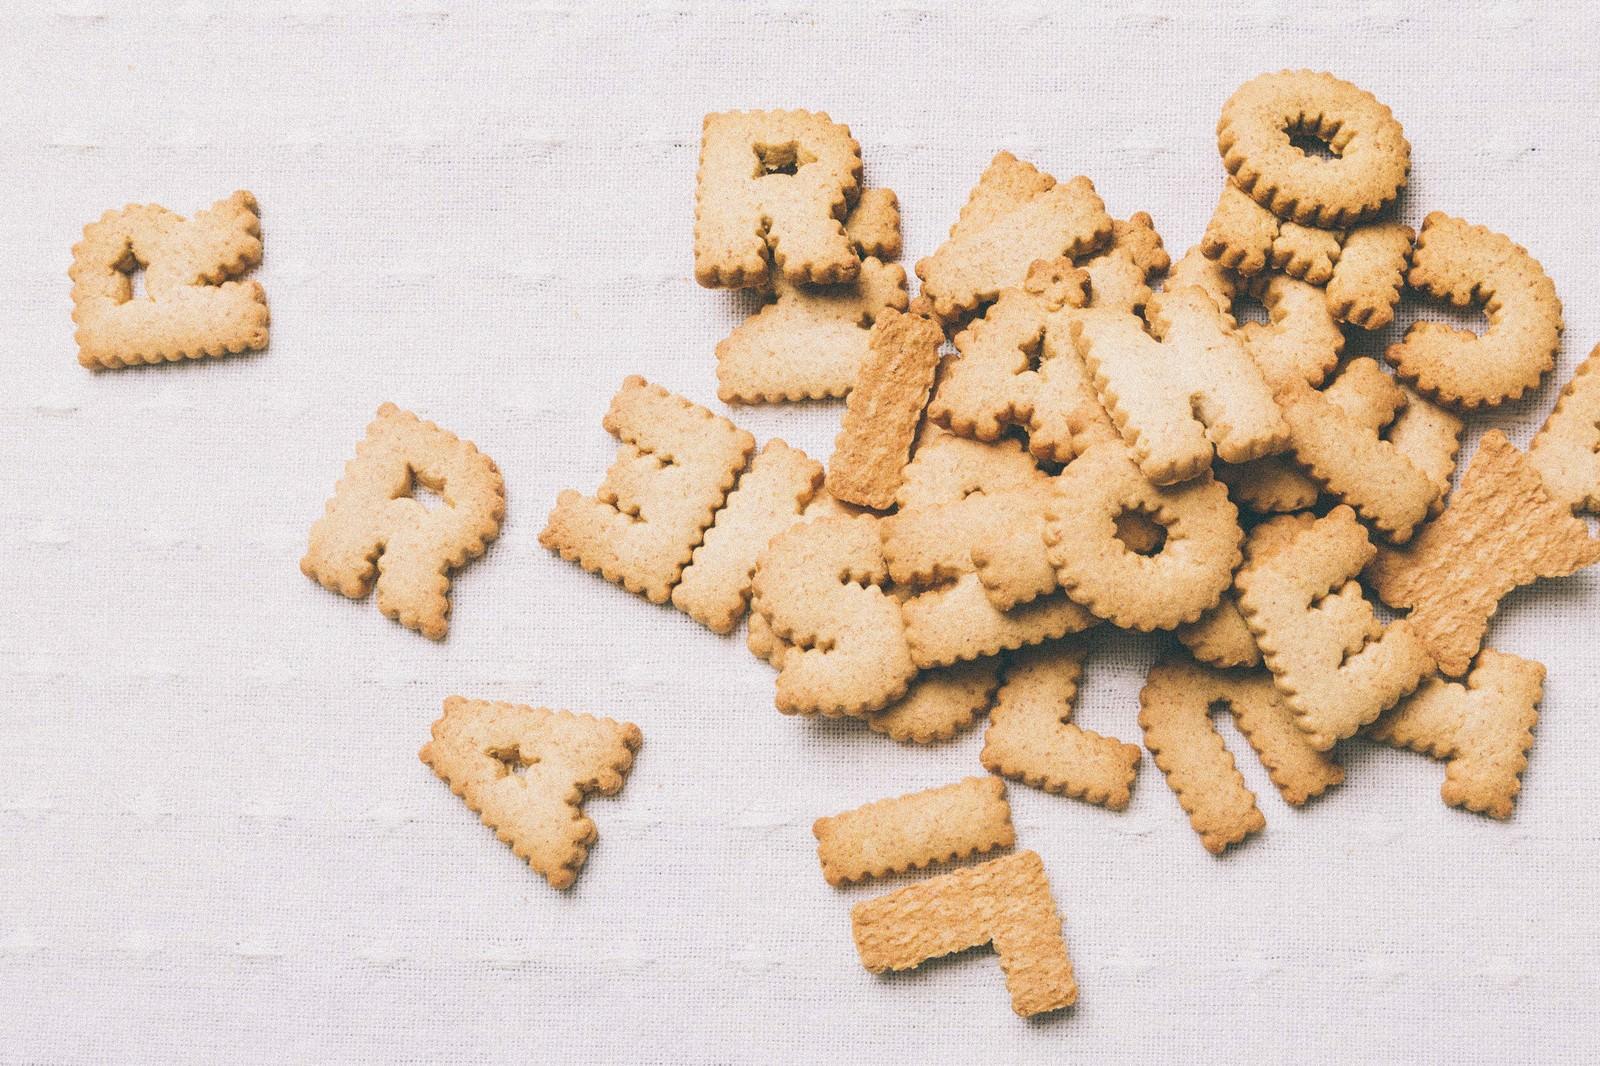 「散らばった英語のクッキー」の写真